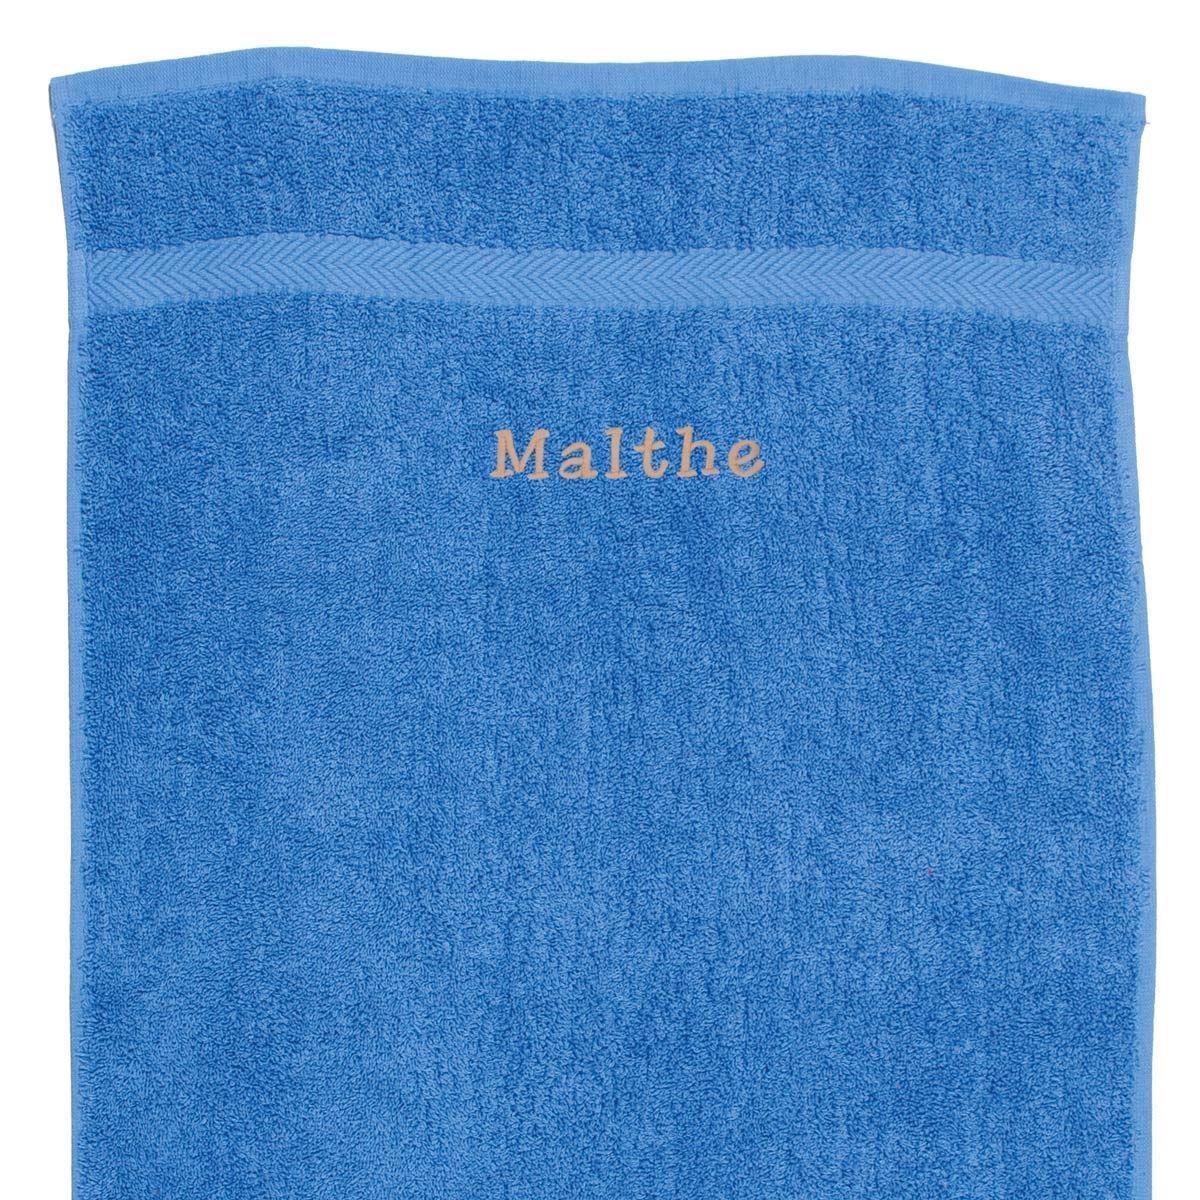 Image of   Håndklæde med navn - havblå 50 x 90 cm